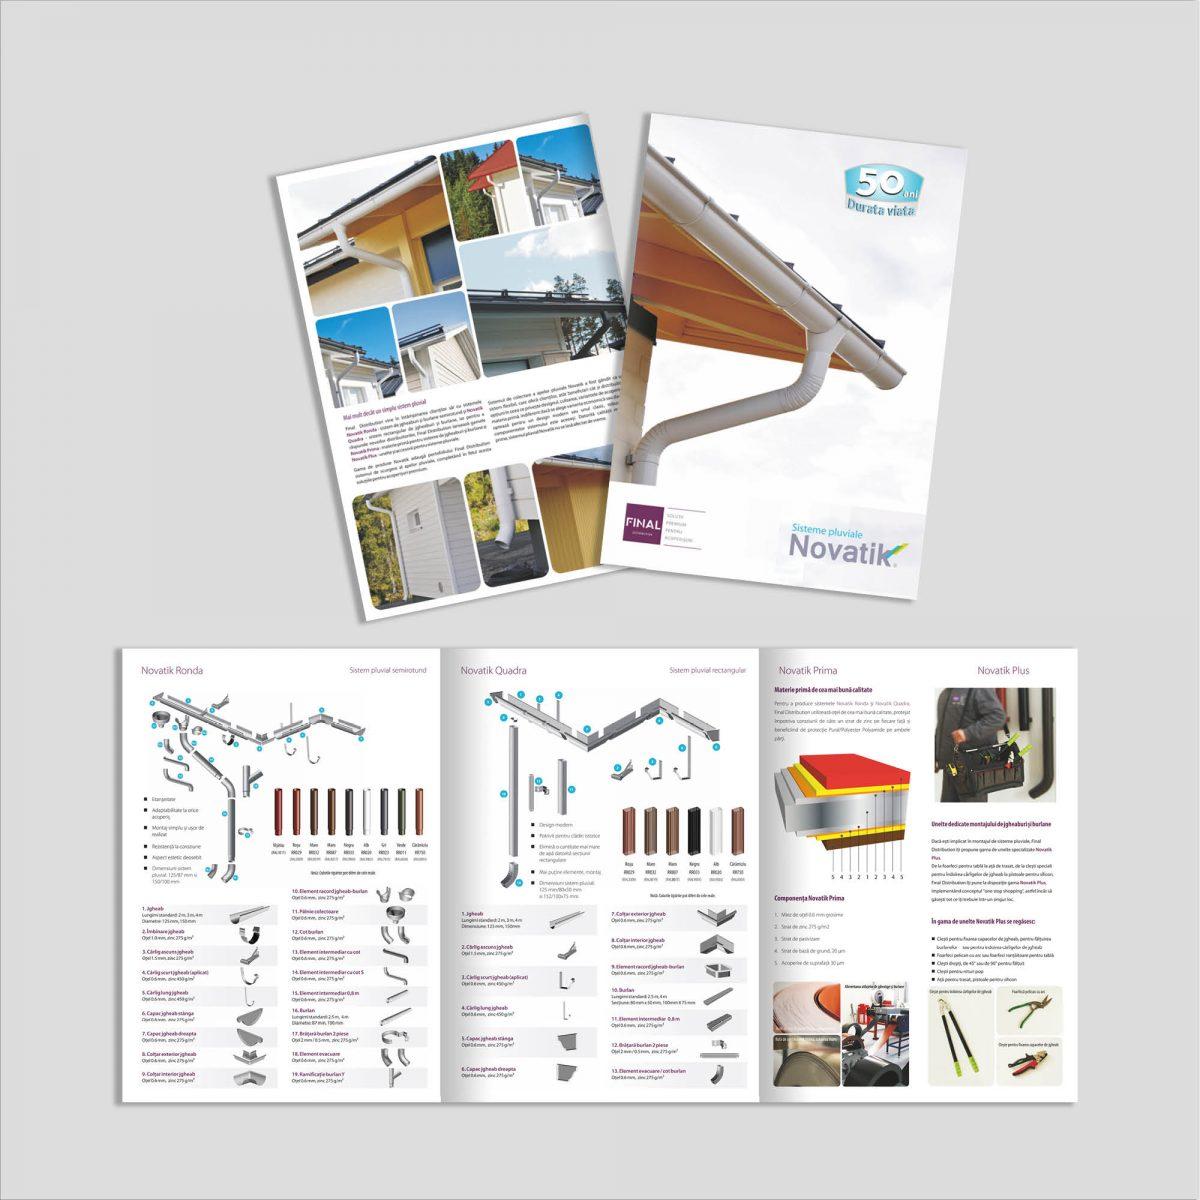 Graphic Design broșură sisteme acoperiș